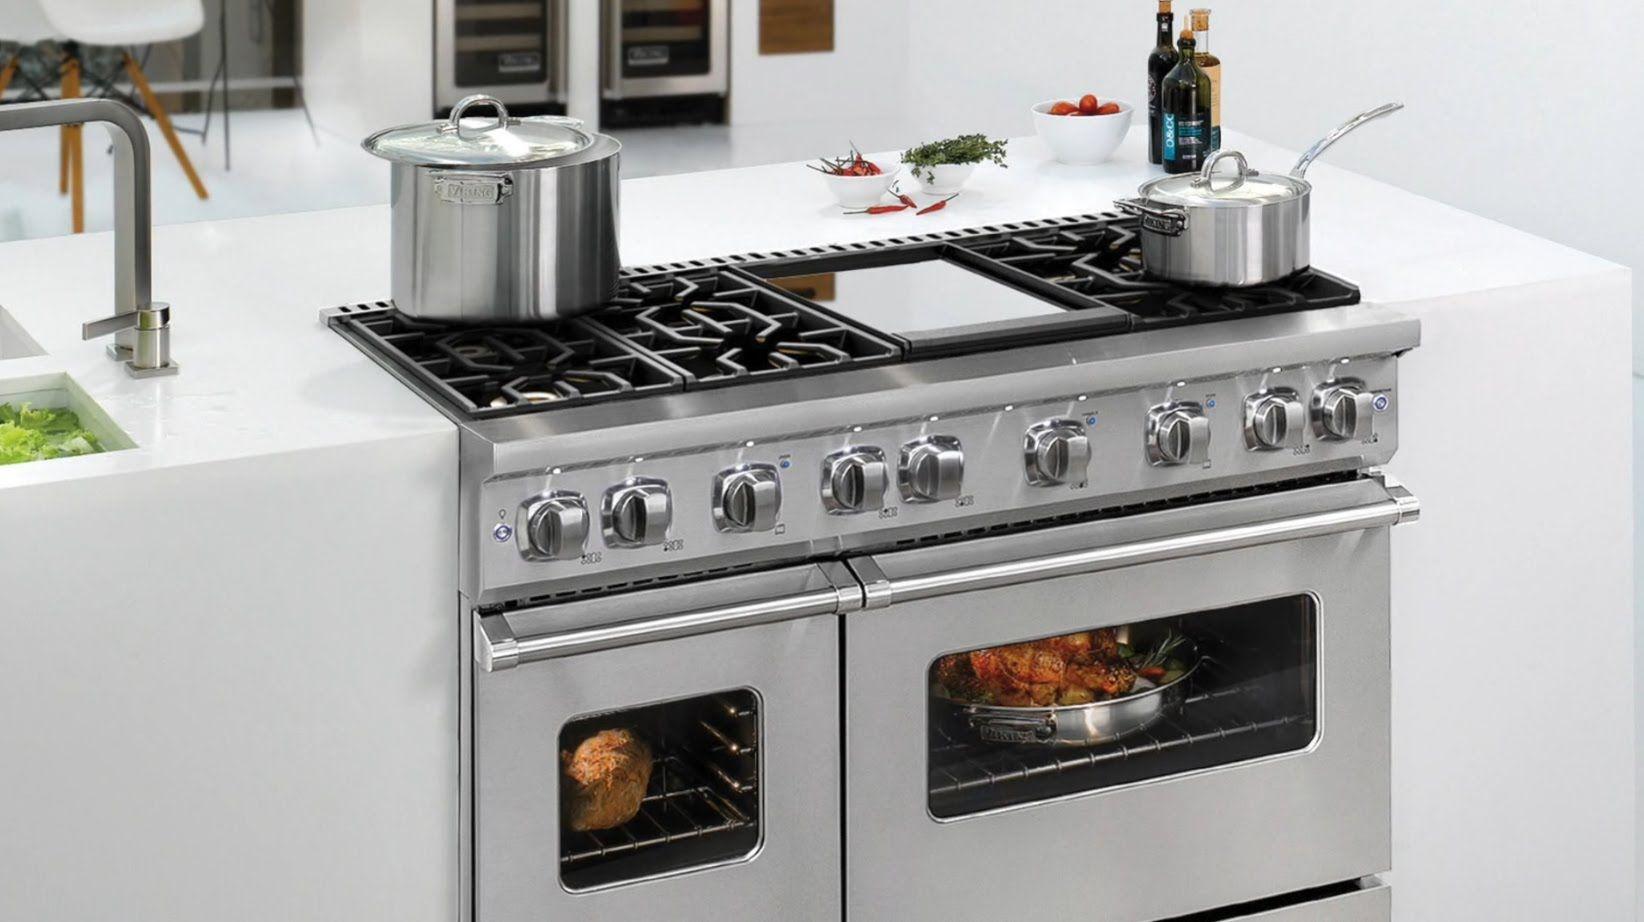 Viking Range  Viking Kitchen Appliances  Viking Home Appliances Endearing Range Kitchen Design Decoration